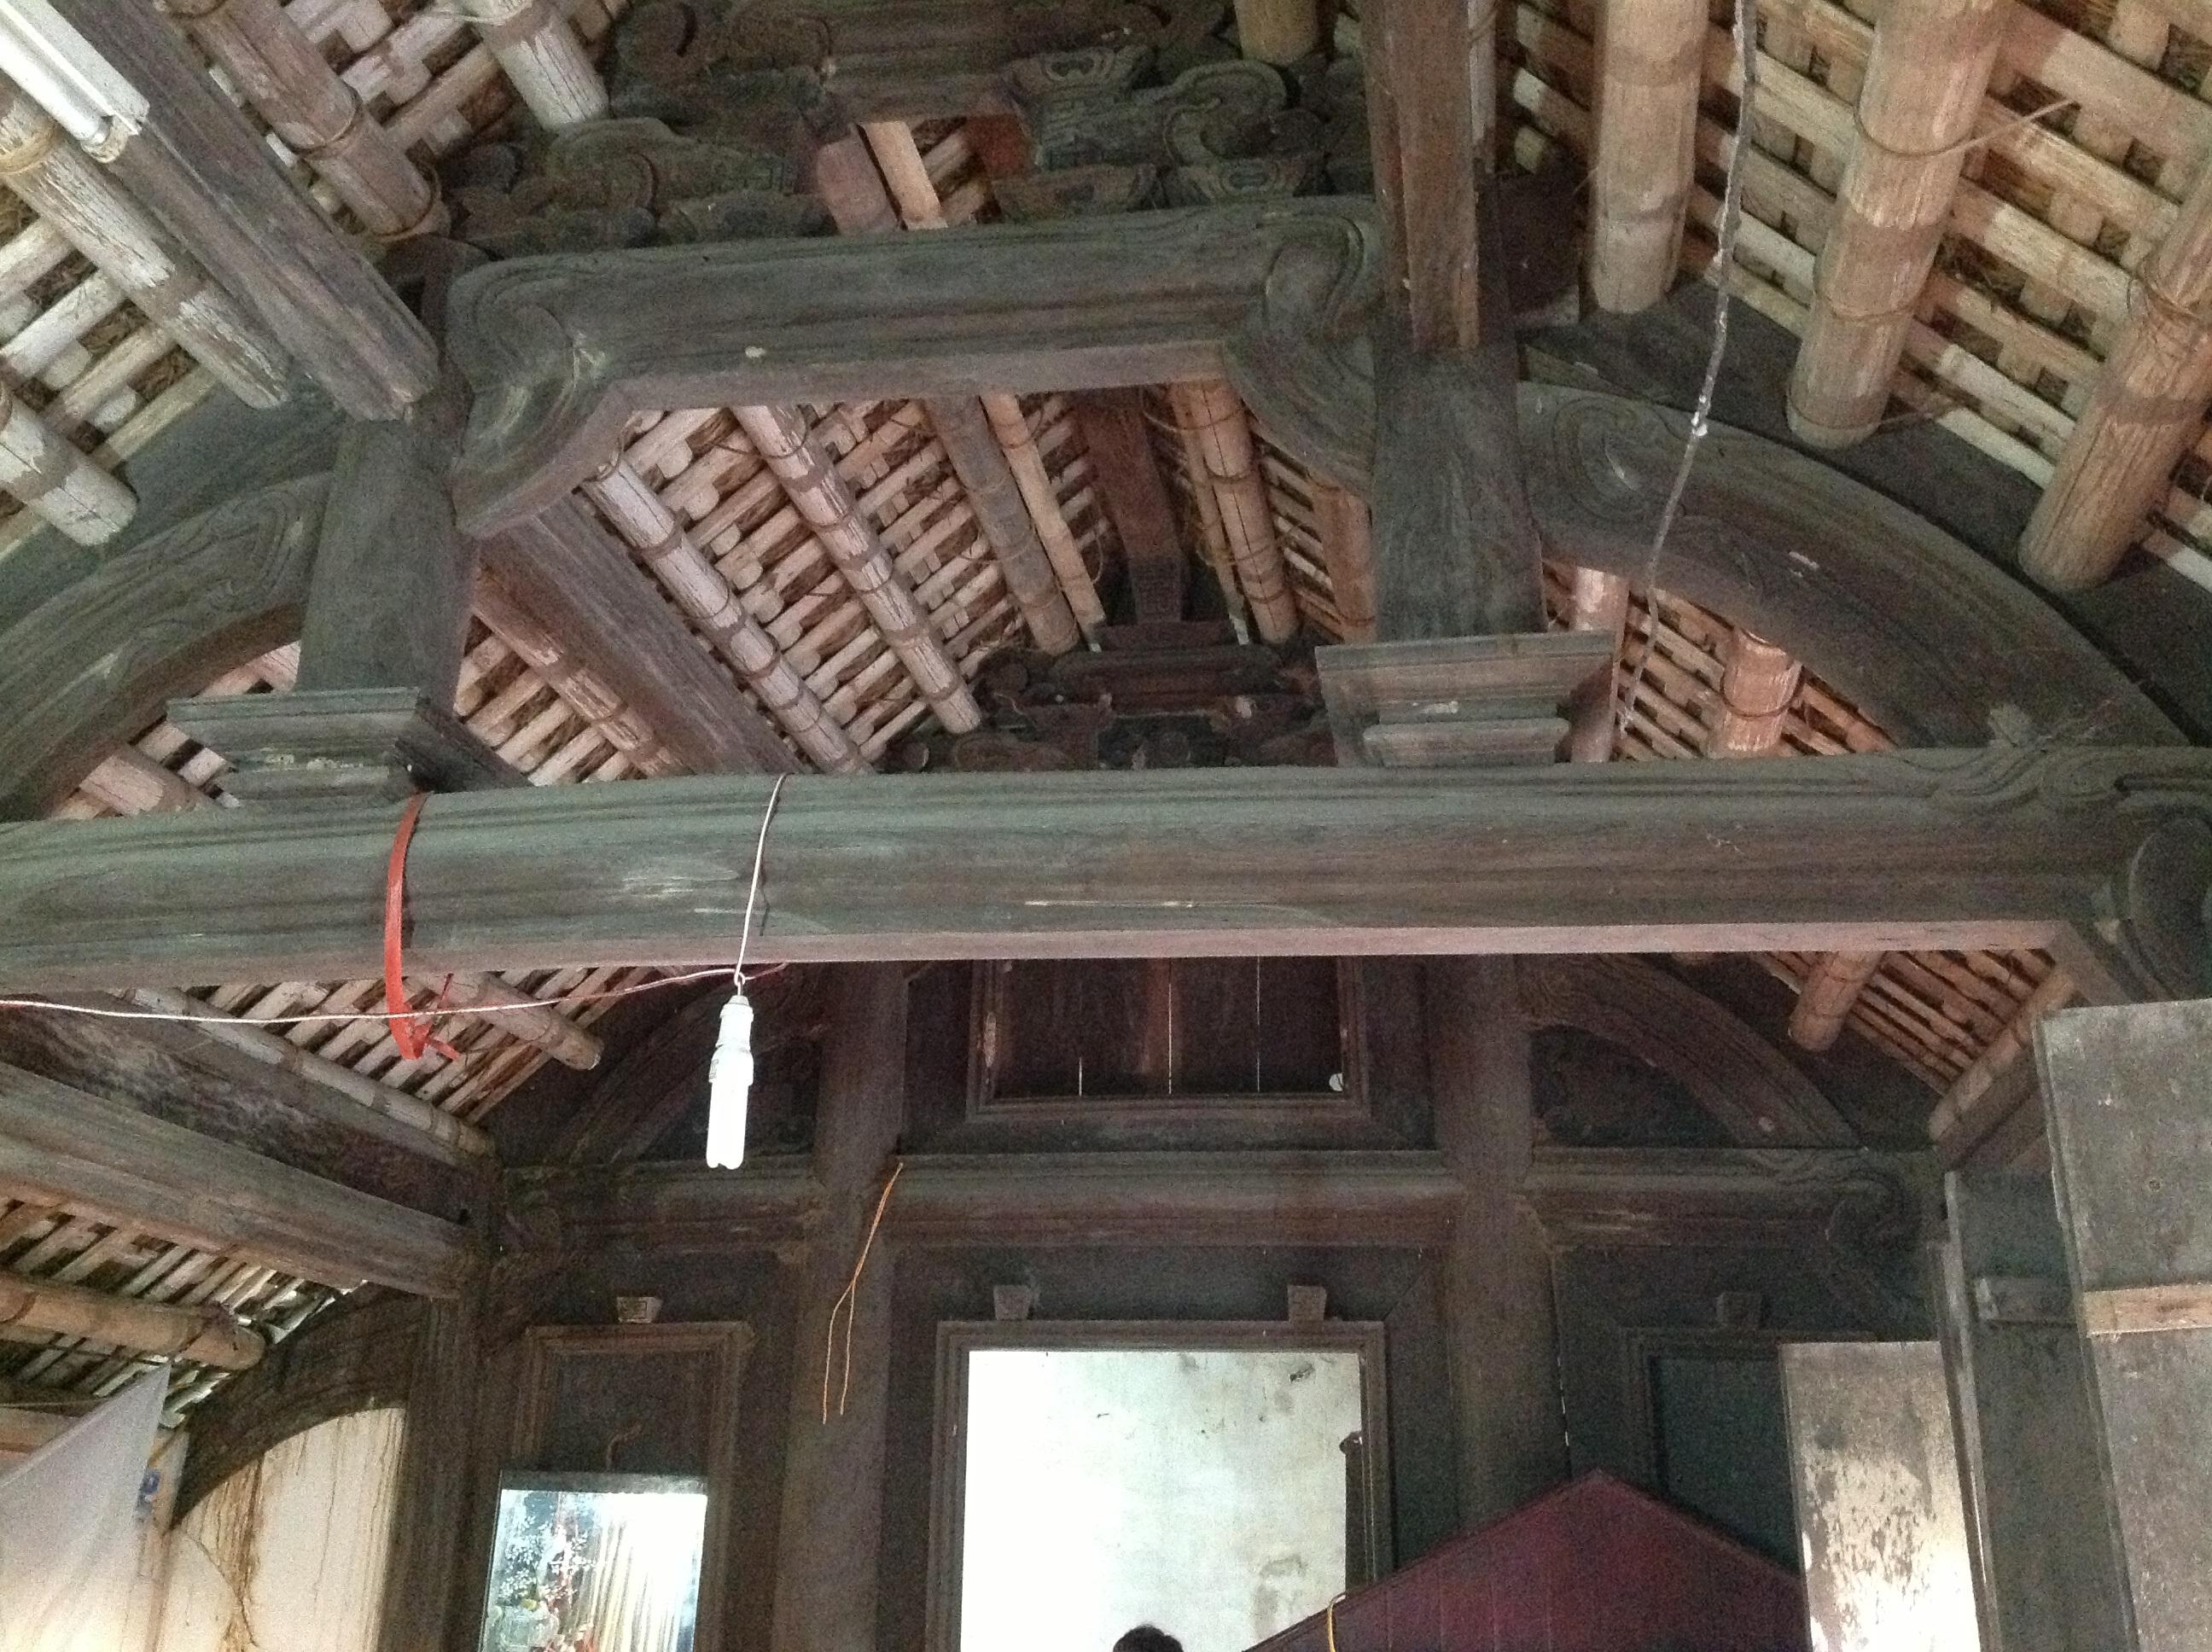 Cận cảnh nhà cổ trăm tuổi toàn bằng gỗ quý, đẹp hiếm có ở Nam Định - 3